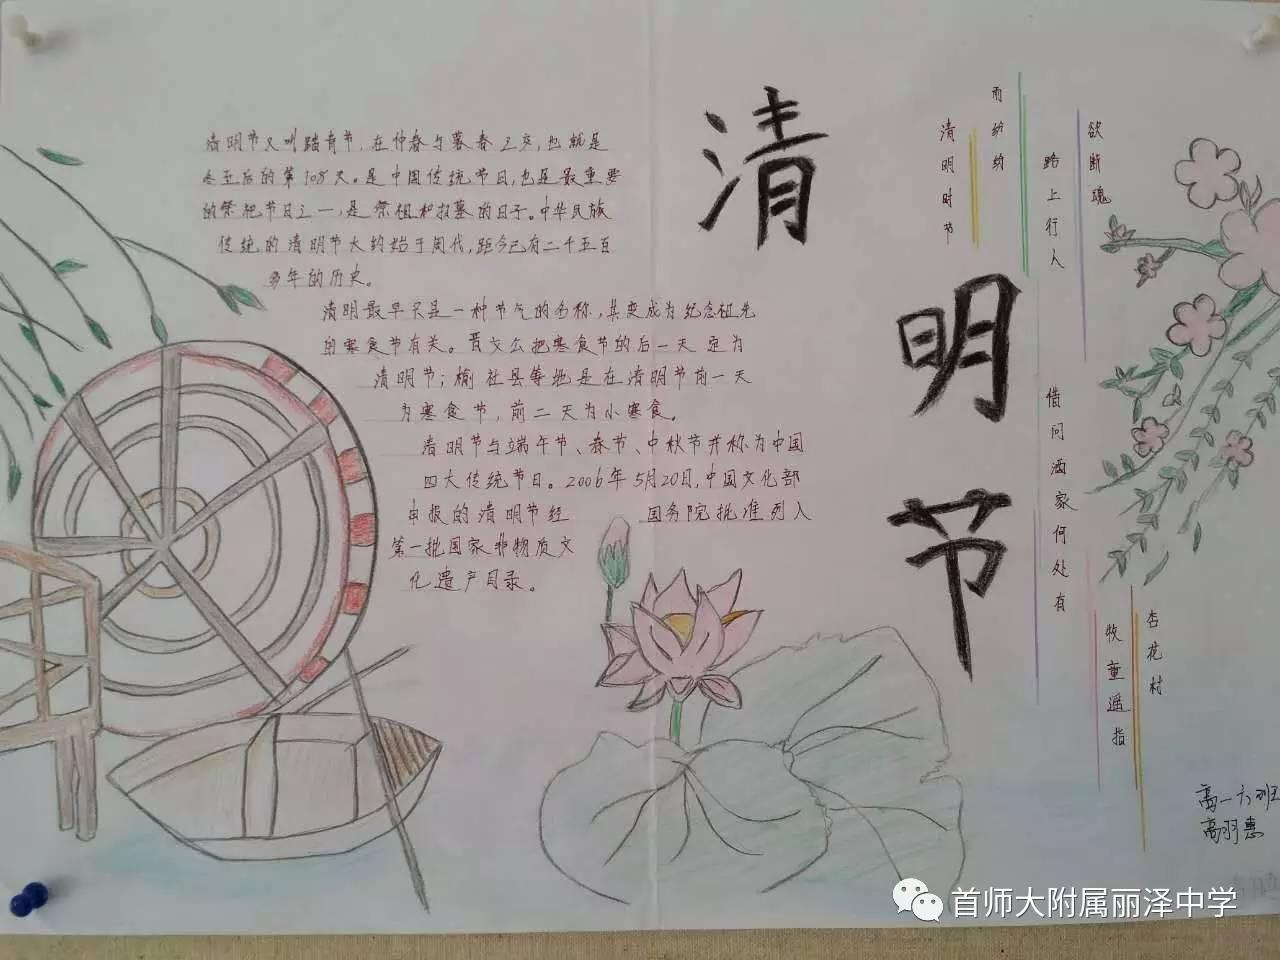 在编写手抄报的过程中,感觉到中国传统的亲情,友善和睦的文化内涵